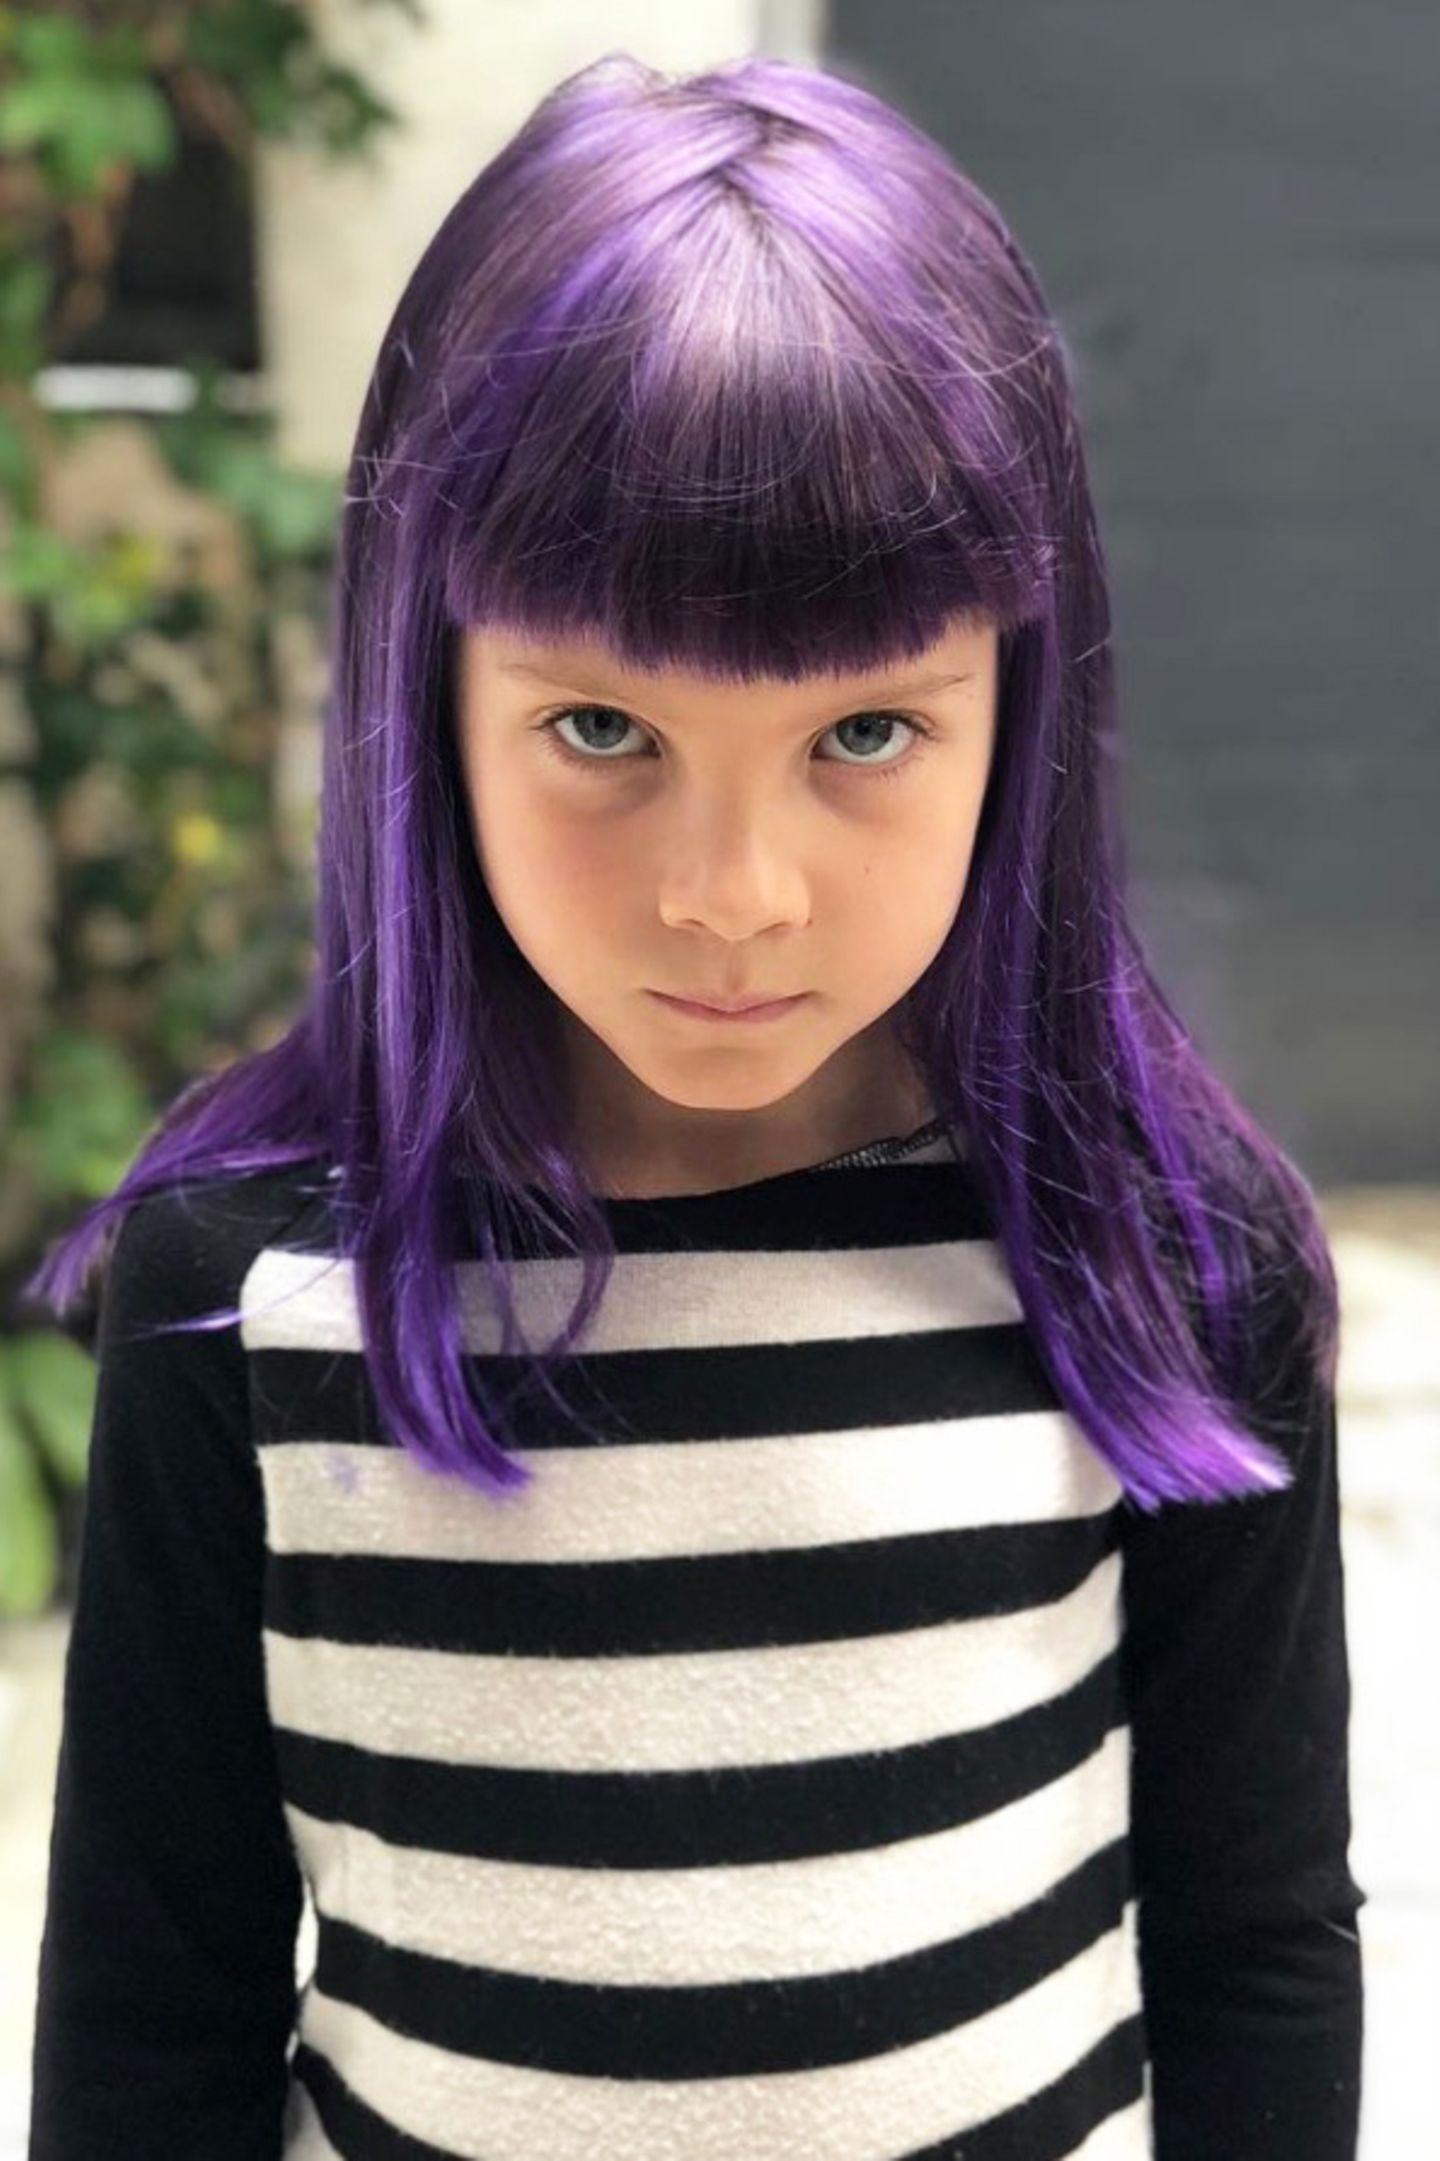 Auch Papa Carey Hart präsentiert den neuen Look seiner Tochter auf Instagram.Wir finden die violettfarbenen Haare von Willow auf jeden Fall auch super stylisch.